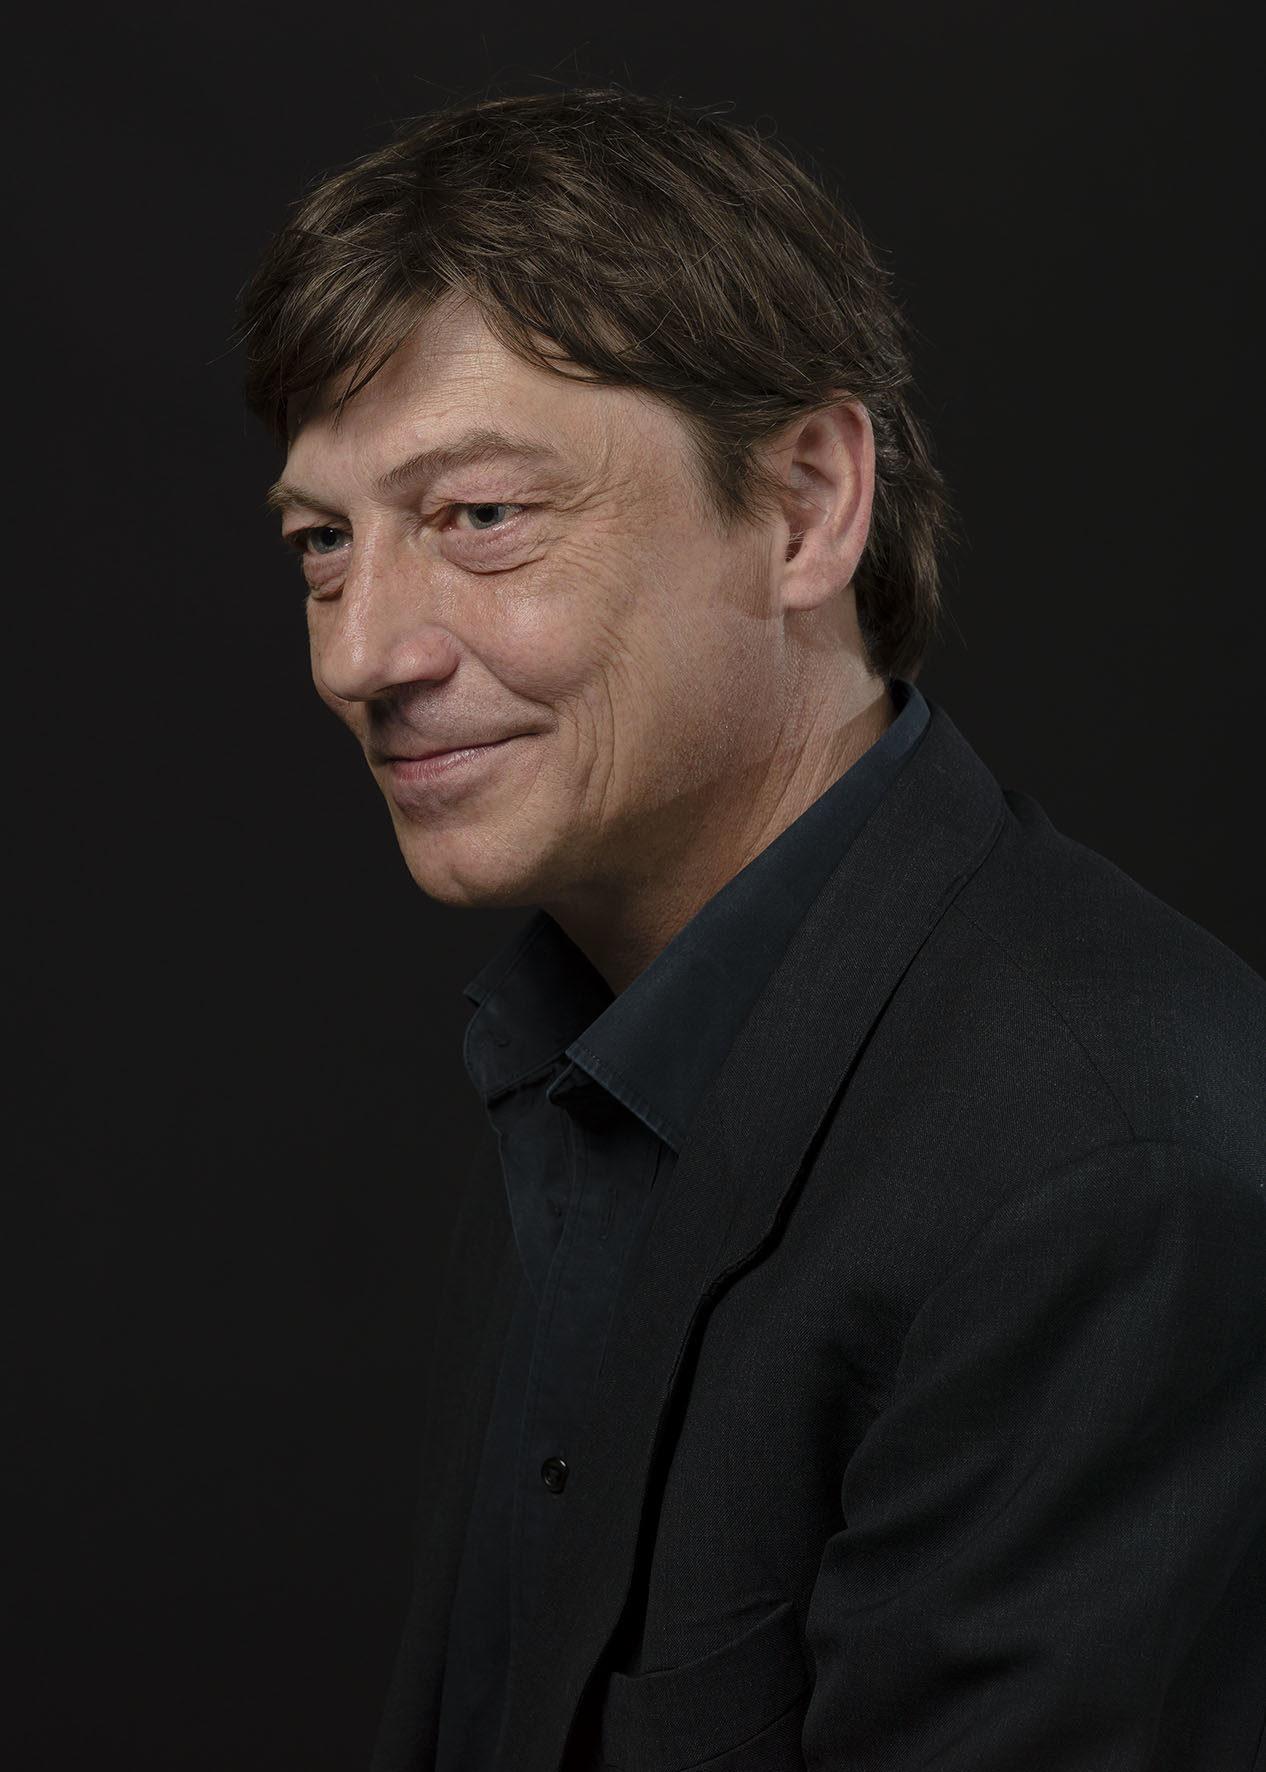 Nicolaï Schlup